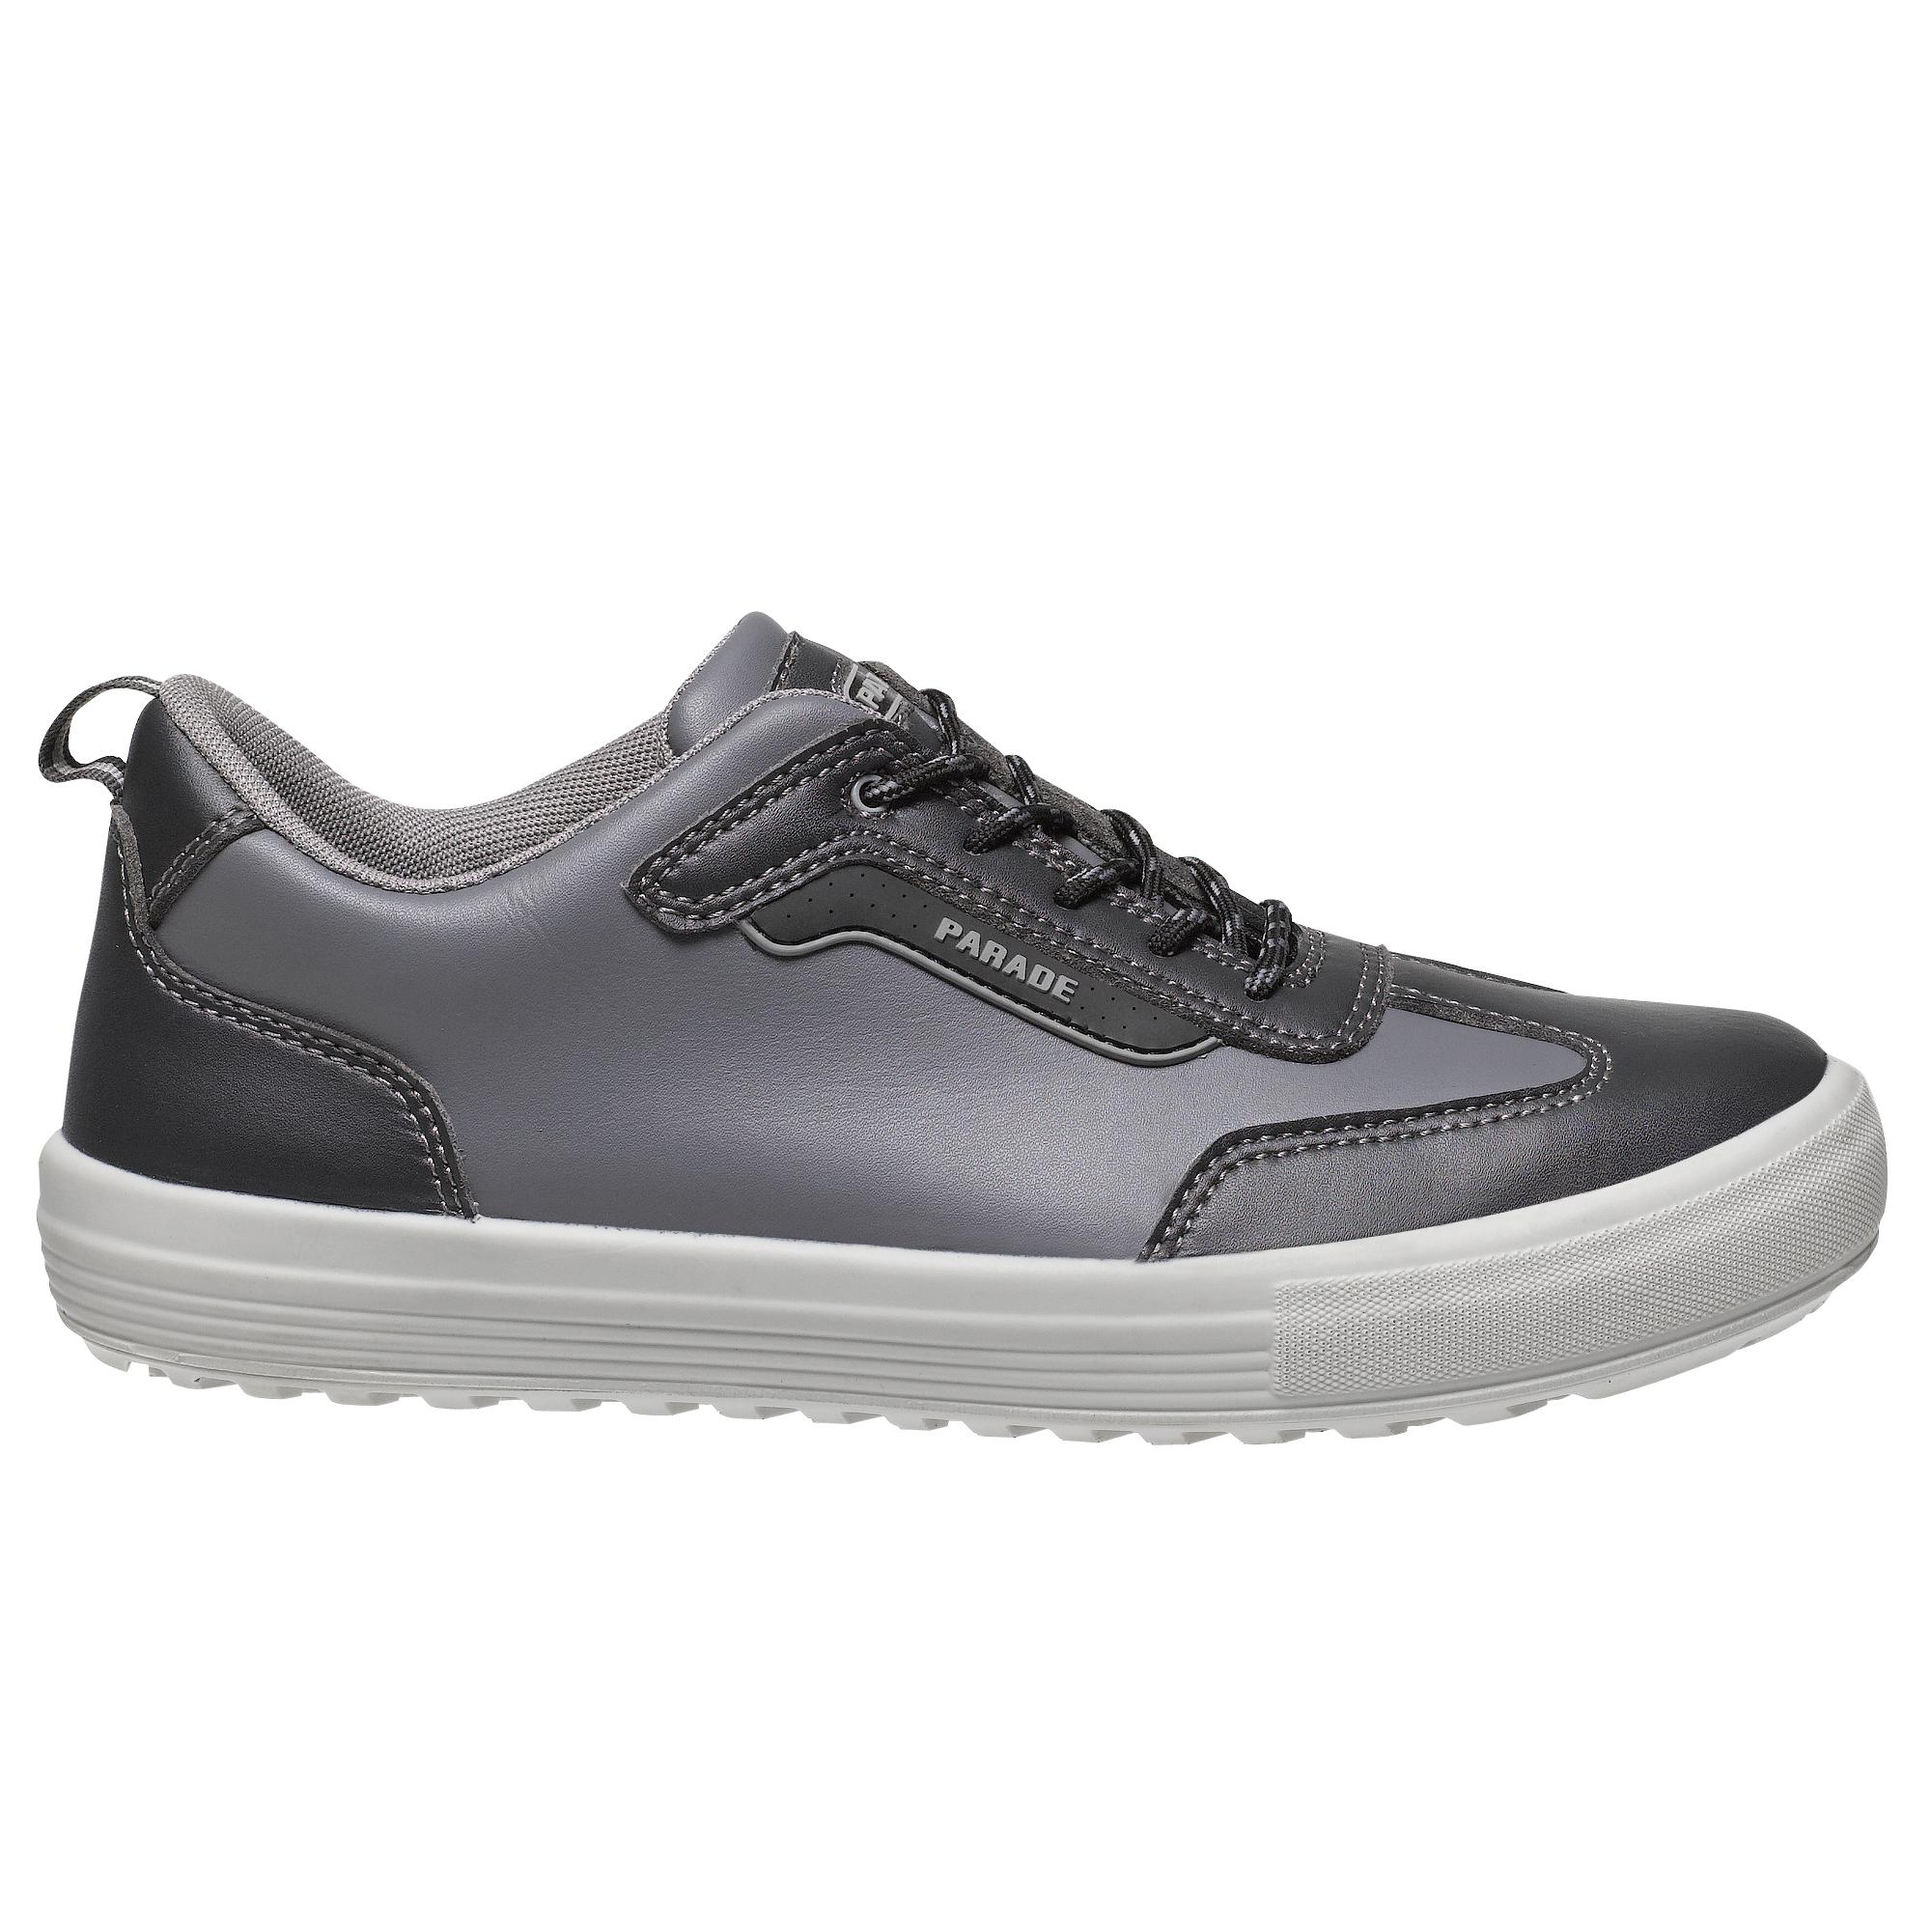 chaussure de s curit homme vadim s3 srcchaussure de s curit homme vadim s3 src. Black Bedroom Furniture Sets. Home Design Ideas